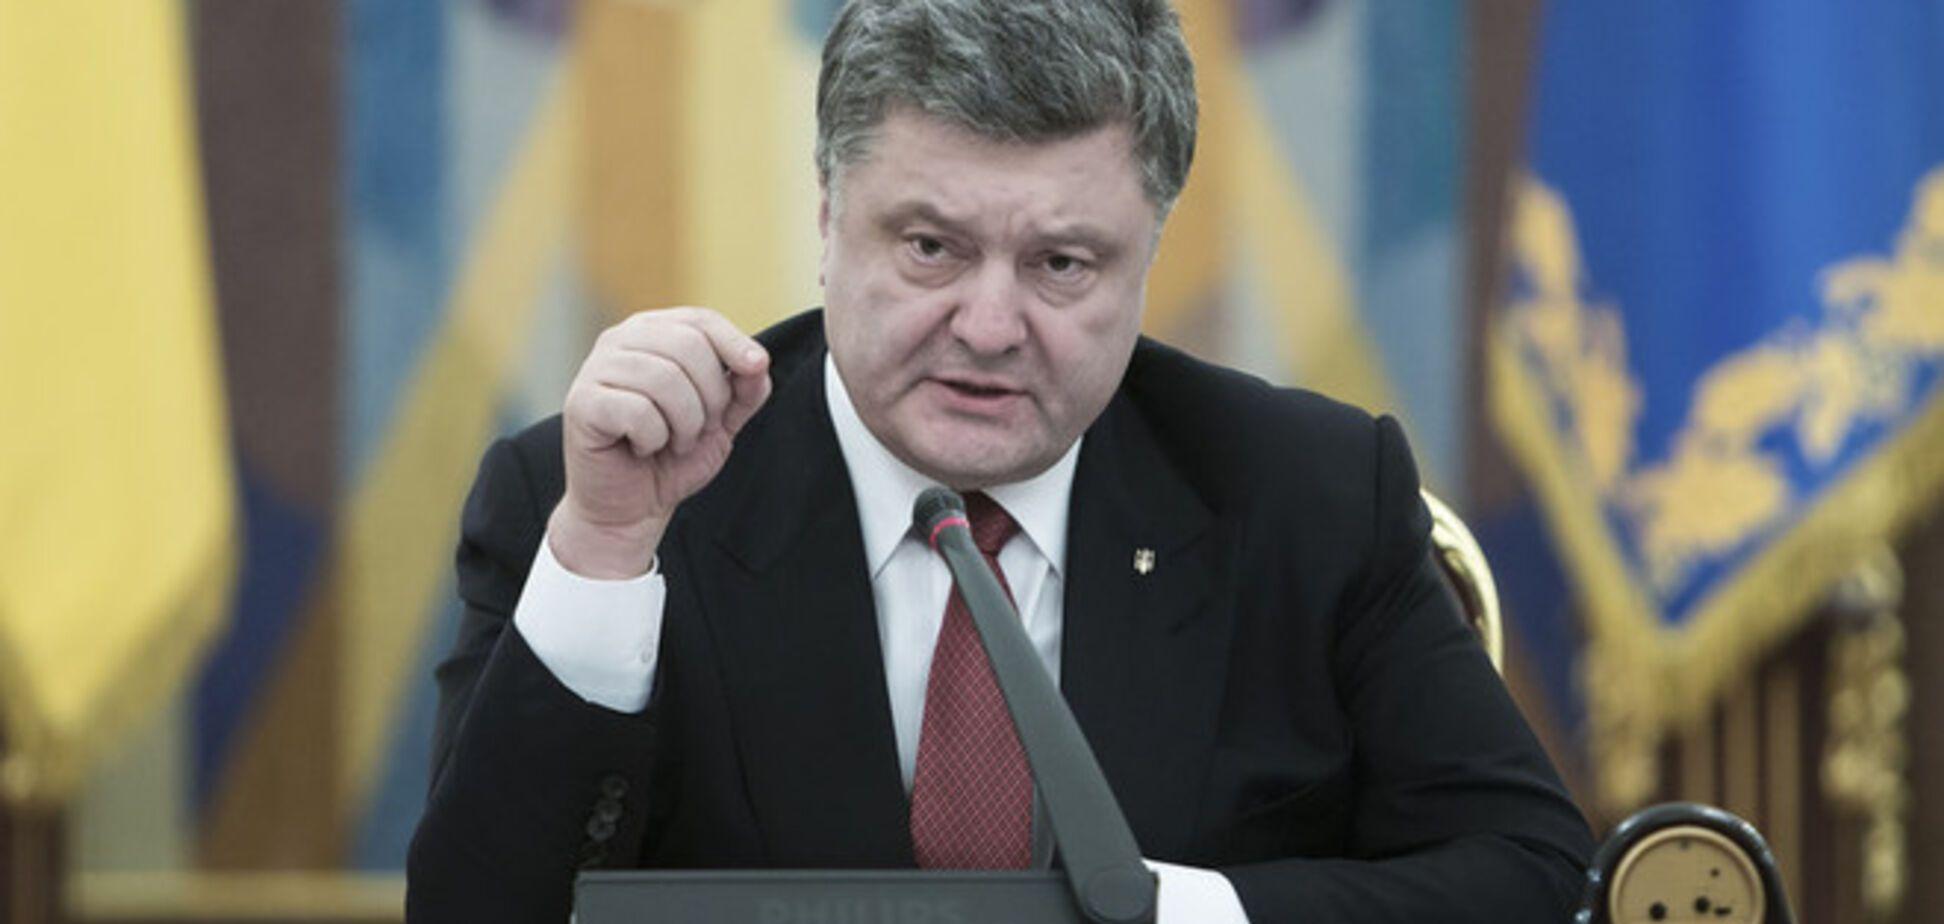 Порошенко: Янукович будет гореть в аду вечно